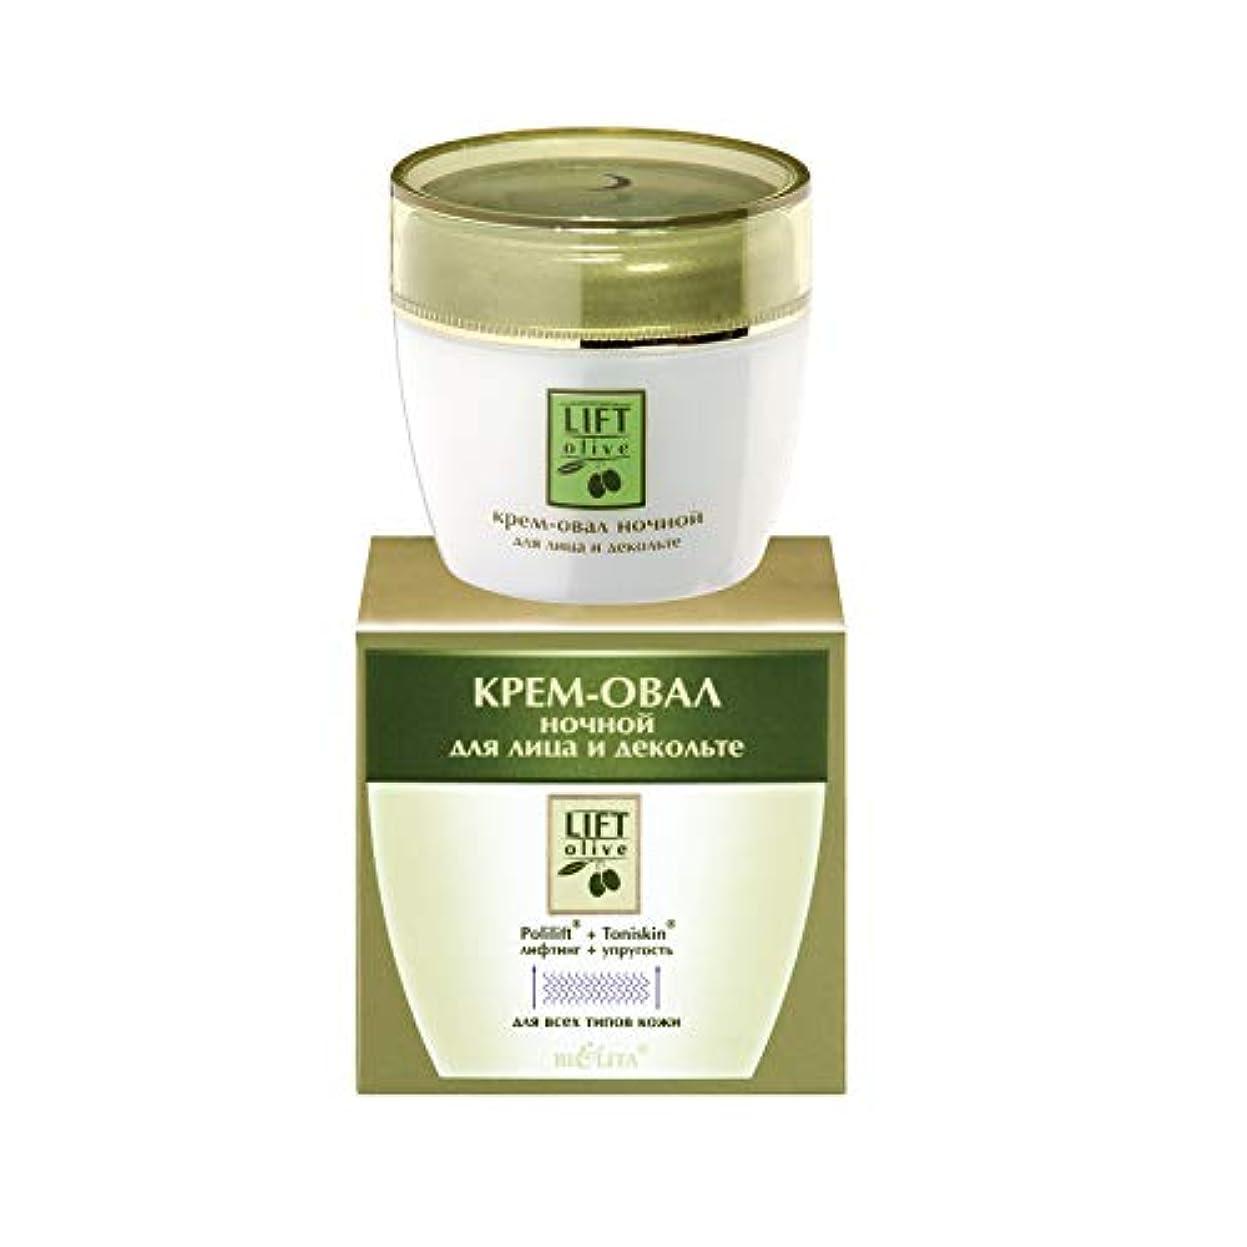 スタンドレンダーゴシップBielita & Vitex   Lift Olive Line   Night Contour Cream for Face and Neck 30+ for All Skin Types, 50 ml   Olive...